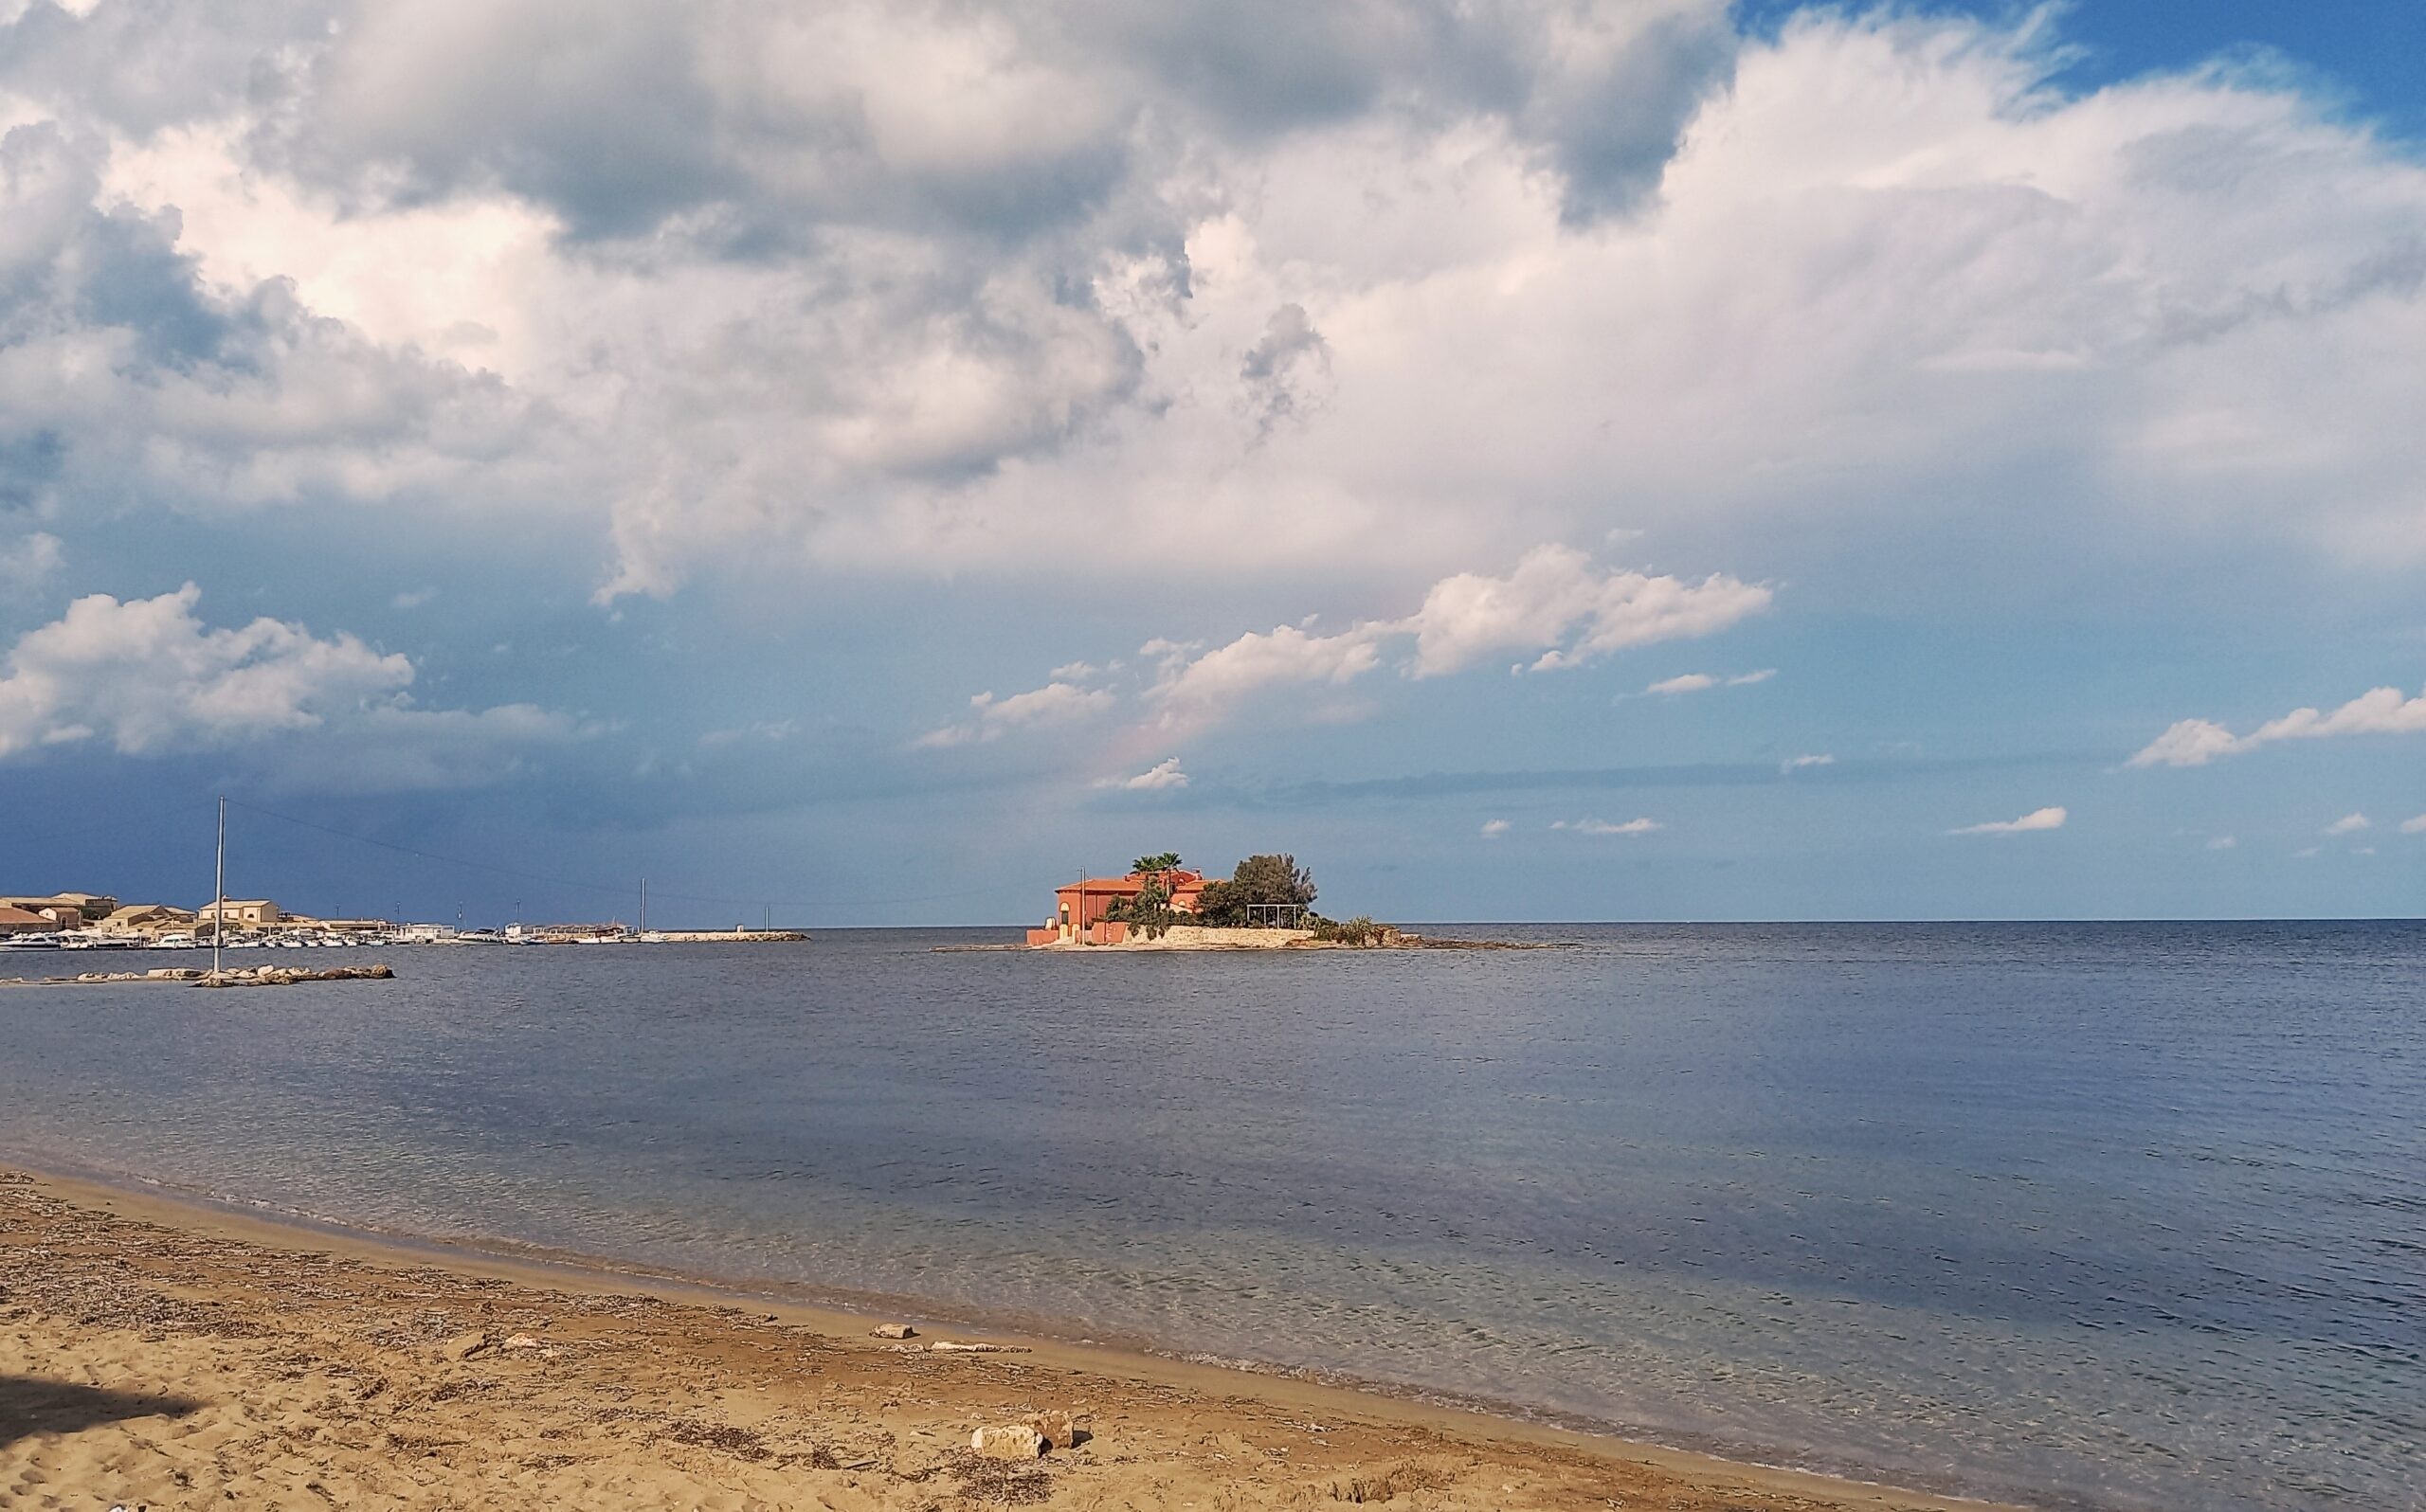 Tutti vorrebbero avere un'isola ma pochi saprebbero viverla